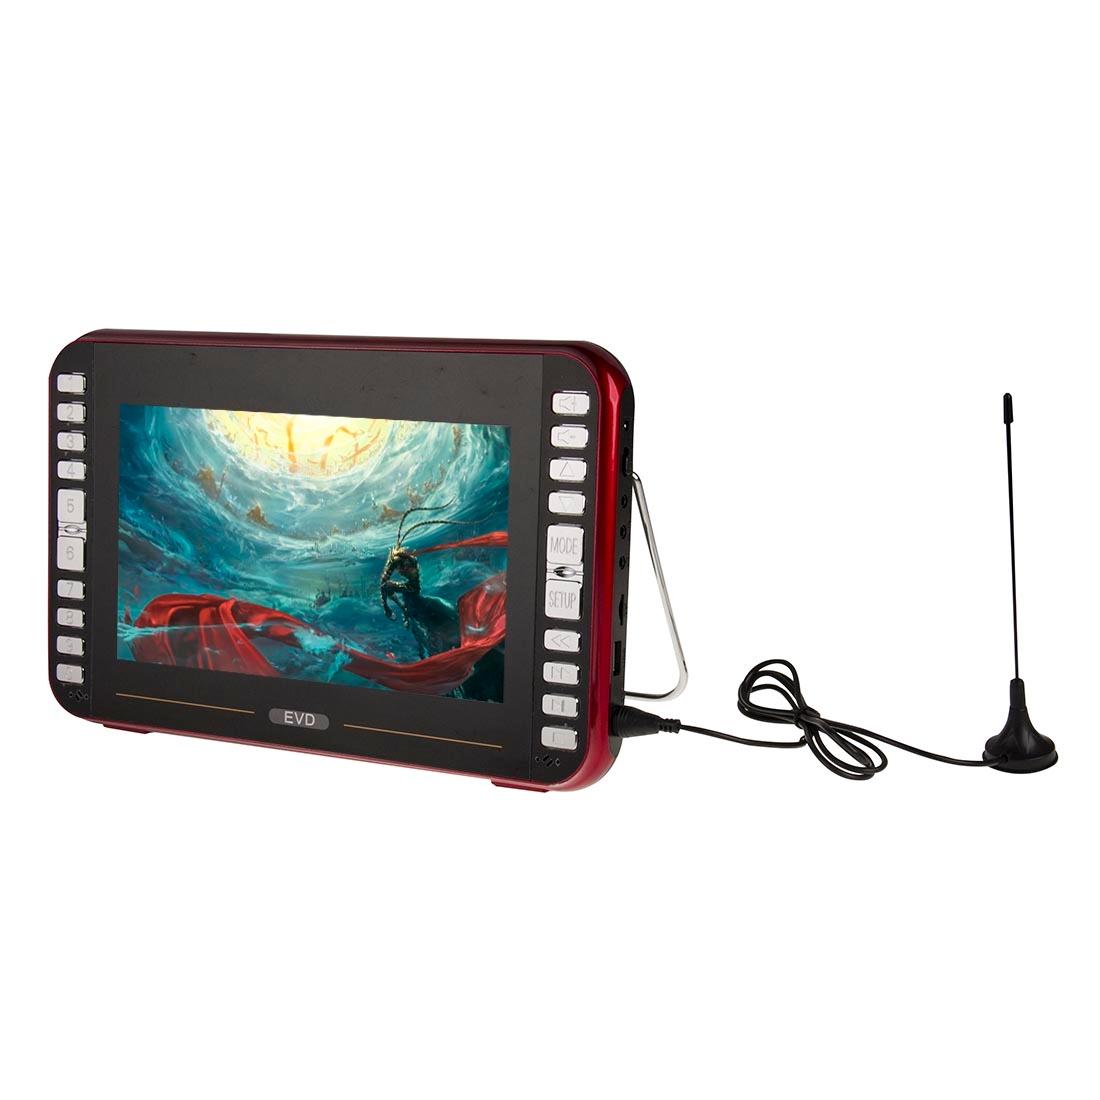 RMVB EVD9, TV s DVB-T, 9,8 palcový TFT LCD displej Digitální multimediální přenosný televizor a DVD přehrávač s držákem, podpora USB, TF karta, funkce AV, ČERVENÁ